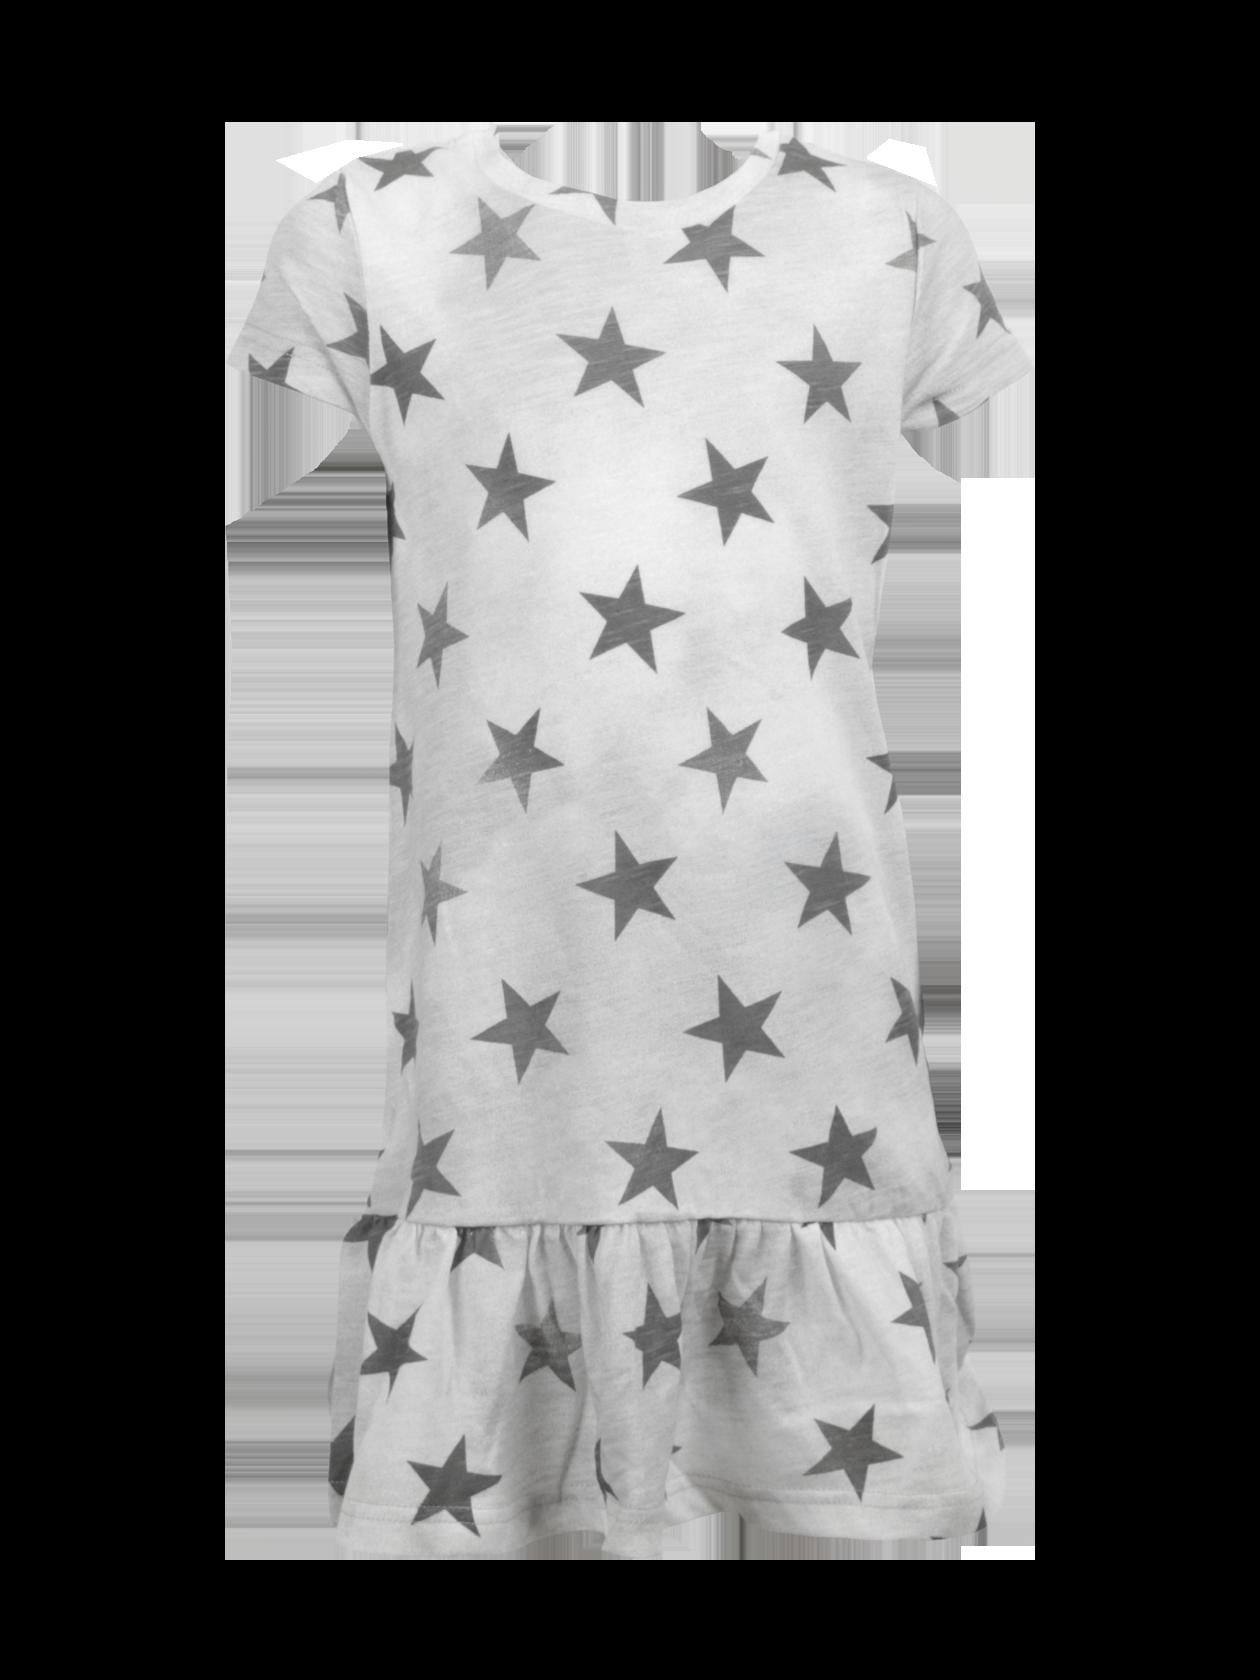 Платье детское ALL STARSПлатье детское All Stars от бренда Black Star – яркое дополнение повседневного гардероба юной модницы. Модель представлена в сером цвете, дополненном затемнениями и крупными звездами по всему изделию. Крой прямой, свободный, с отрезной нижней частью со сборкой. Рукав короткий, горловина округлой формы с окантовкой и лейблом Black Star Wear на изнаночной стороне. Платье изготовлено из натурального хлопка класса «люкс», отличается долговечностью и износоустойчивостью.<br><br>Размер: 4 years<br>Цвет: Серый<br>Пол: Унисекс